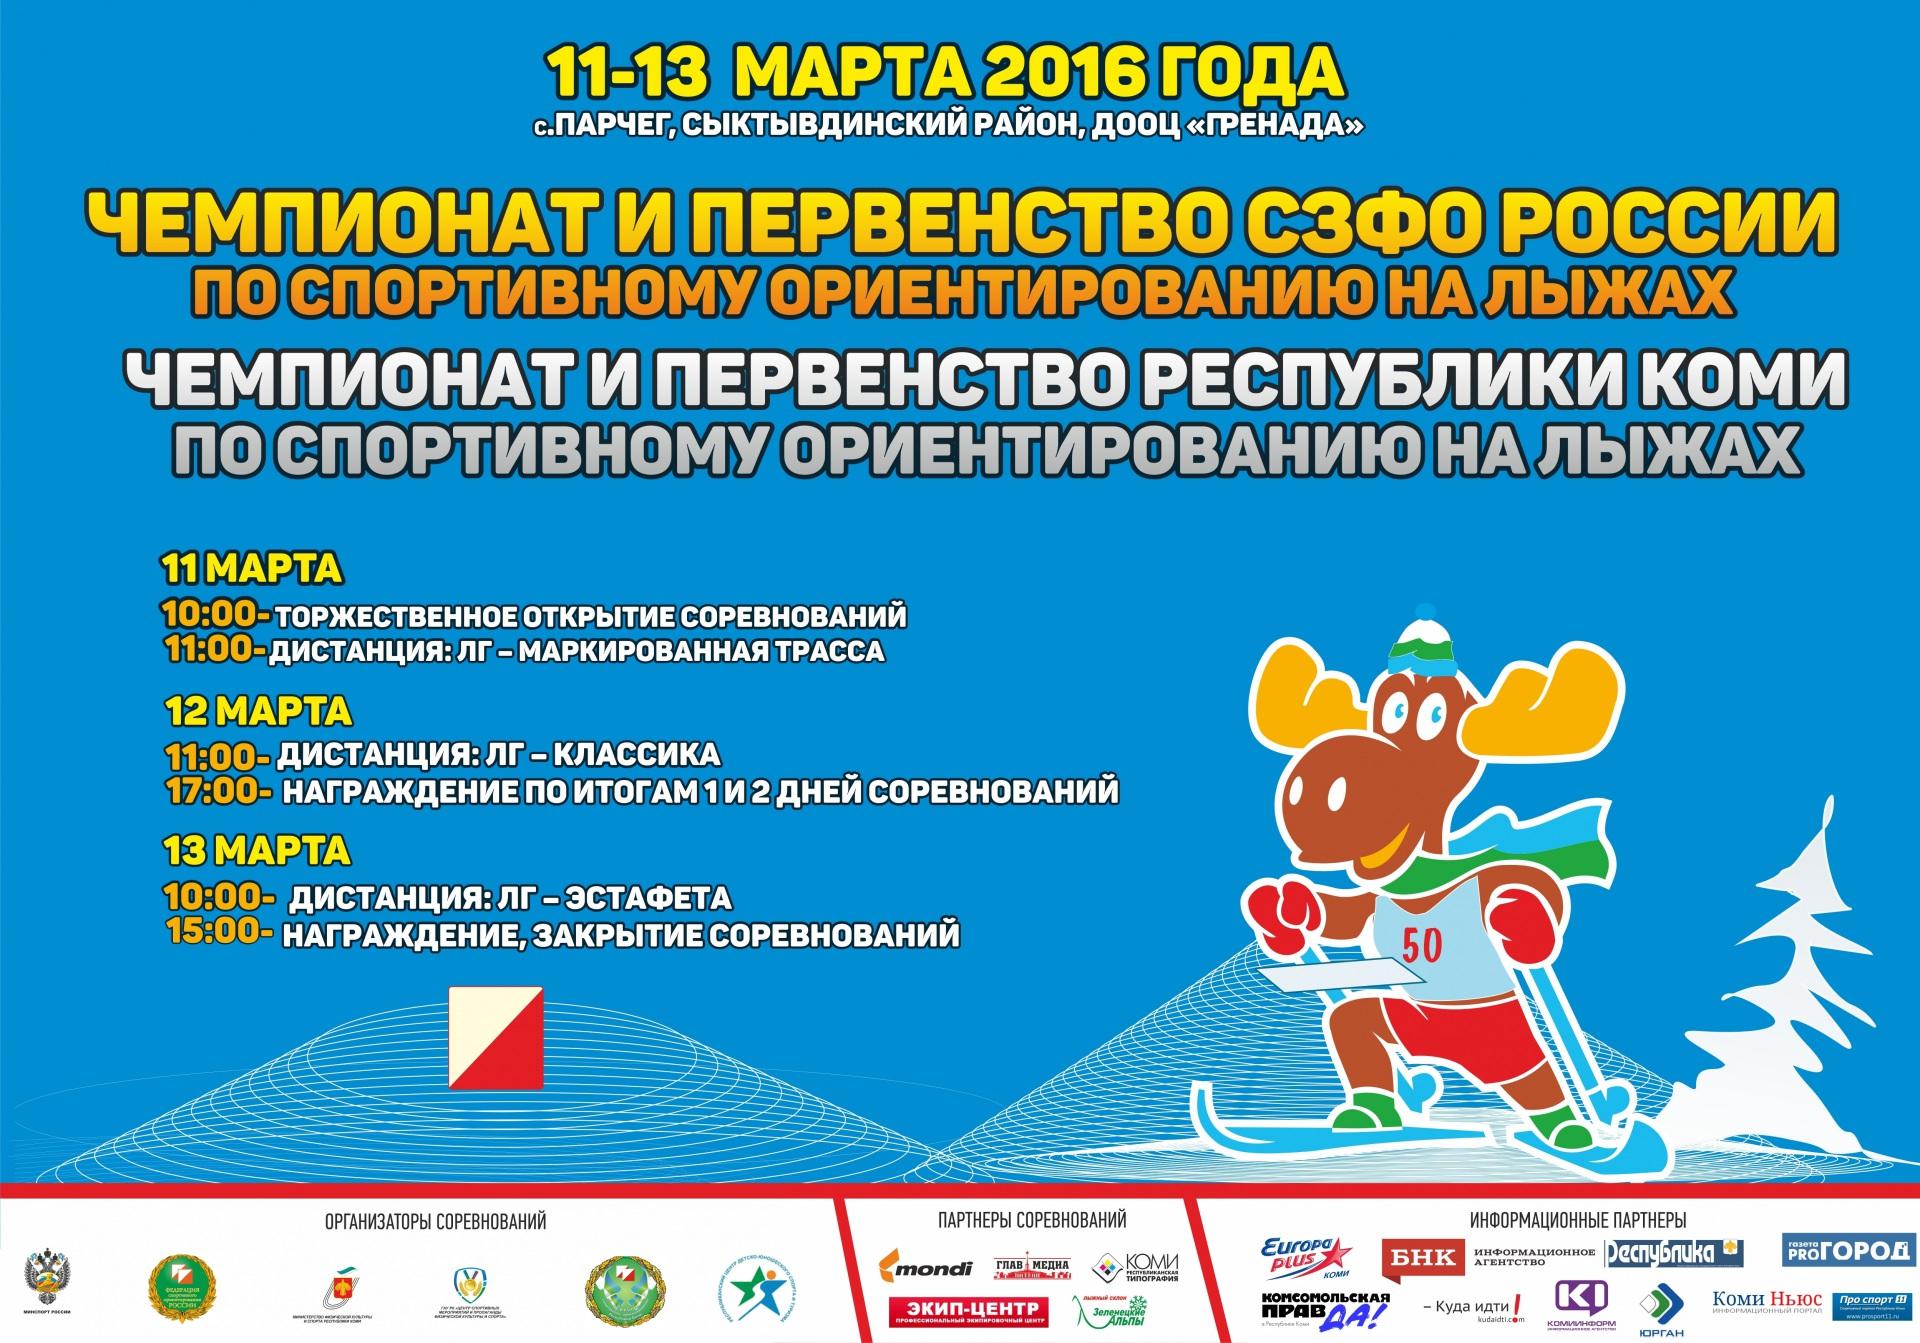 В Коми пройдут Чемпионат и Первенство СЗФО России по спортивному ориентированию на лыжах